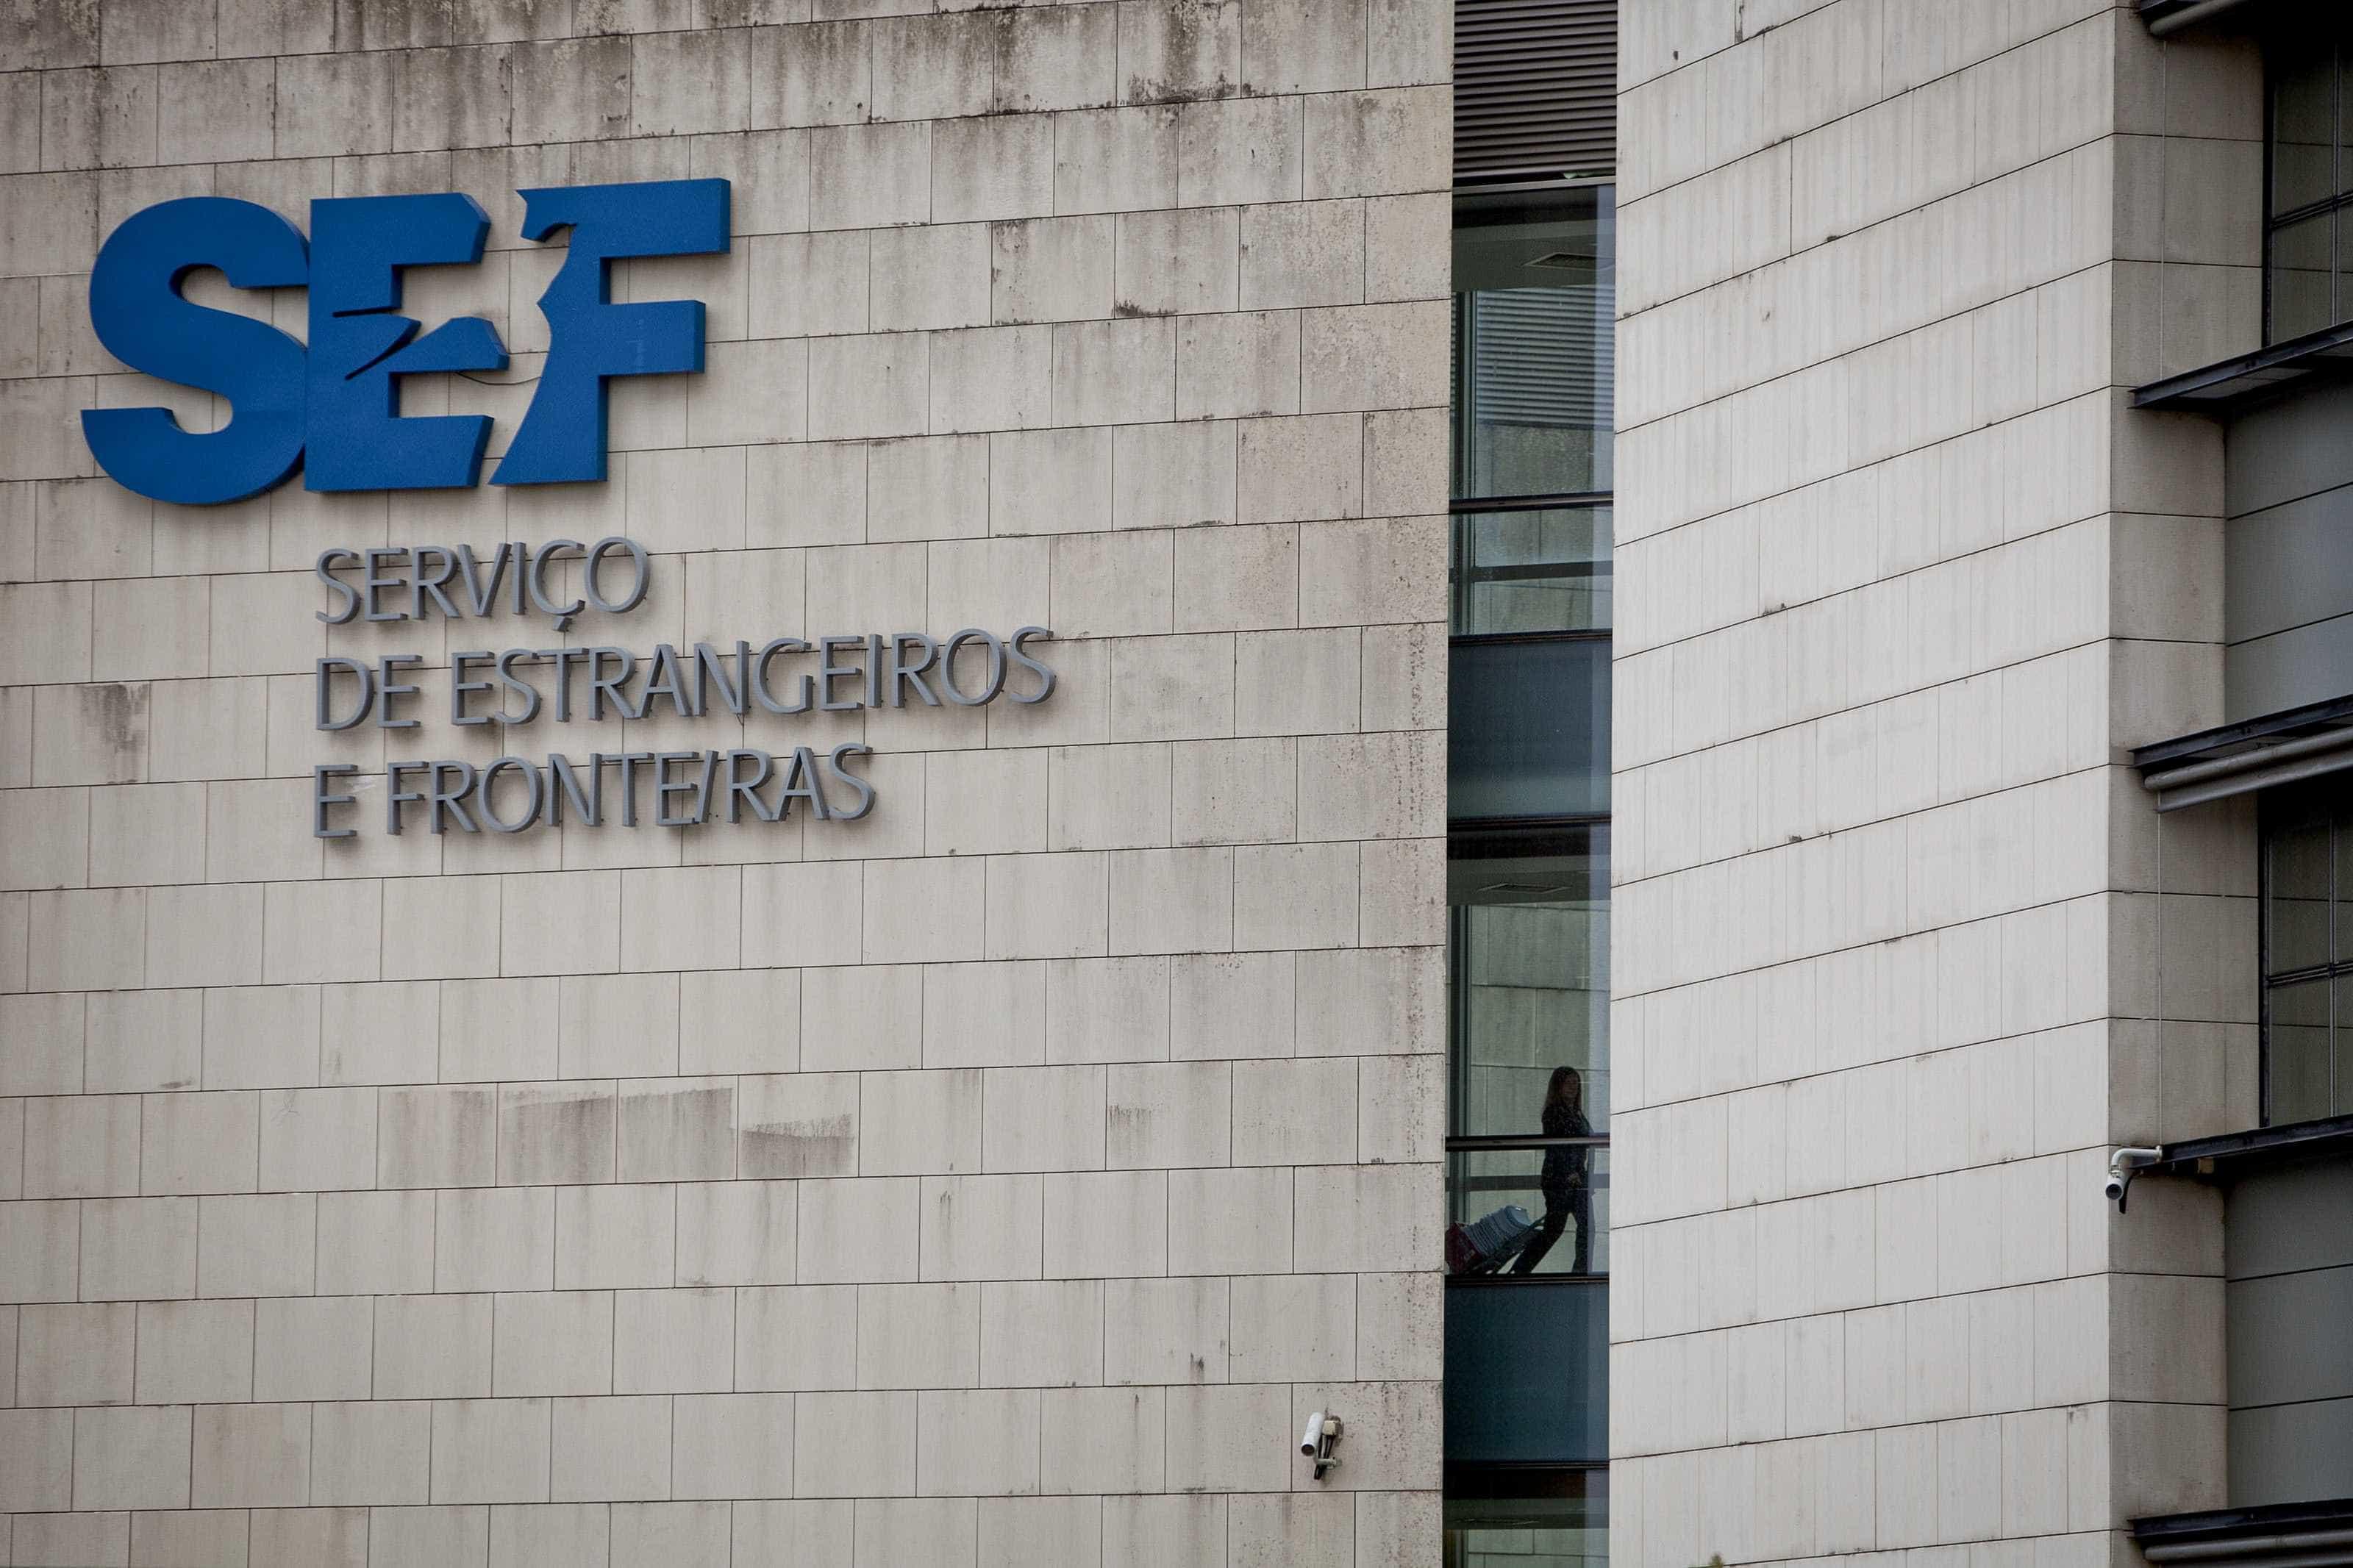 SEF deteta três homens estrangeiros em situação irregular em Portugal